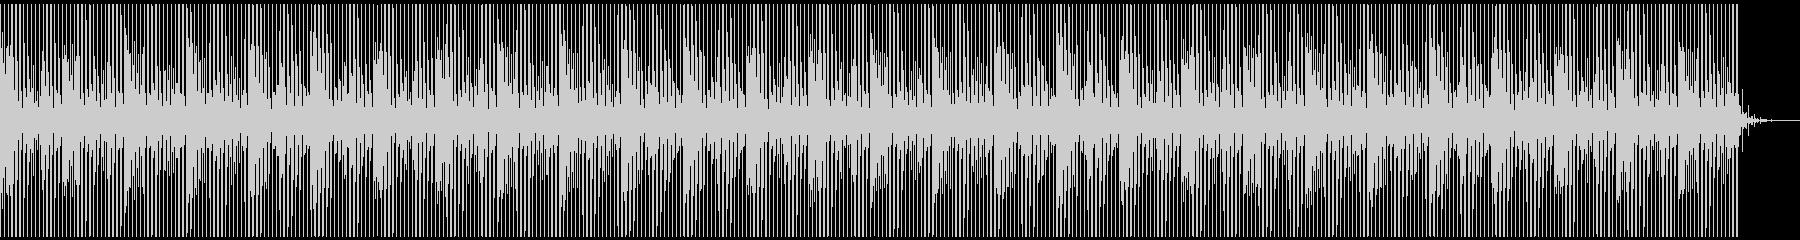 [ニュース報道]無機質:フラット:08の未再生の波形